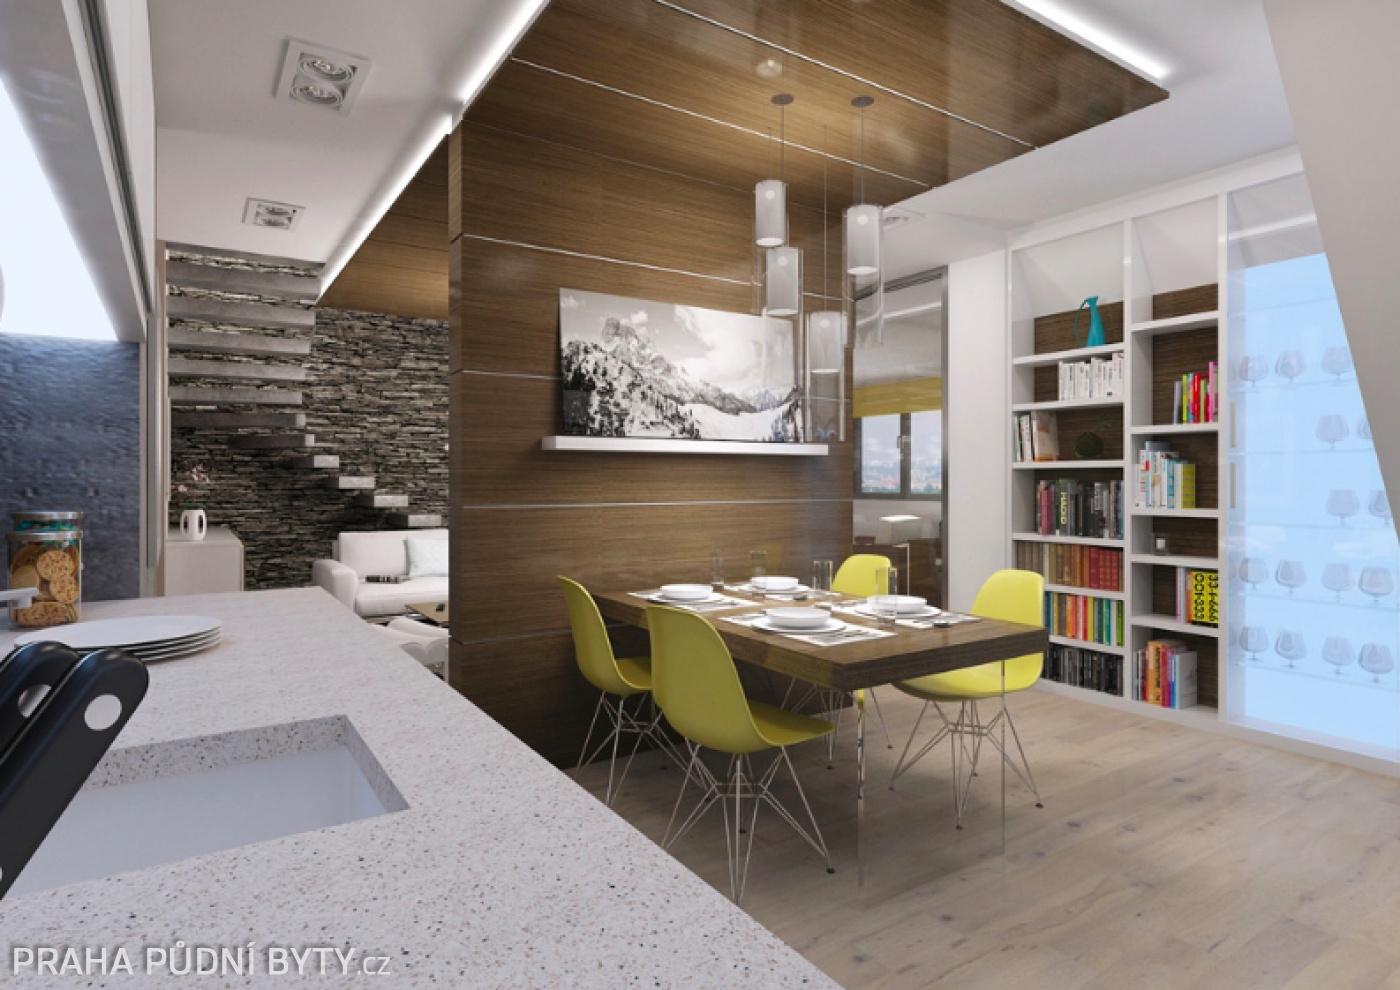 Půdní byt 4+kk, plocha 137 m², ulice Nad Závěrkou, Praha 6 - Břevnov | 1